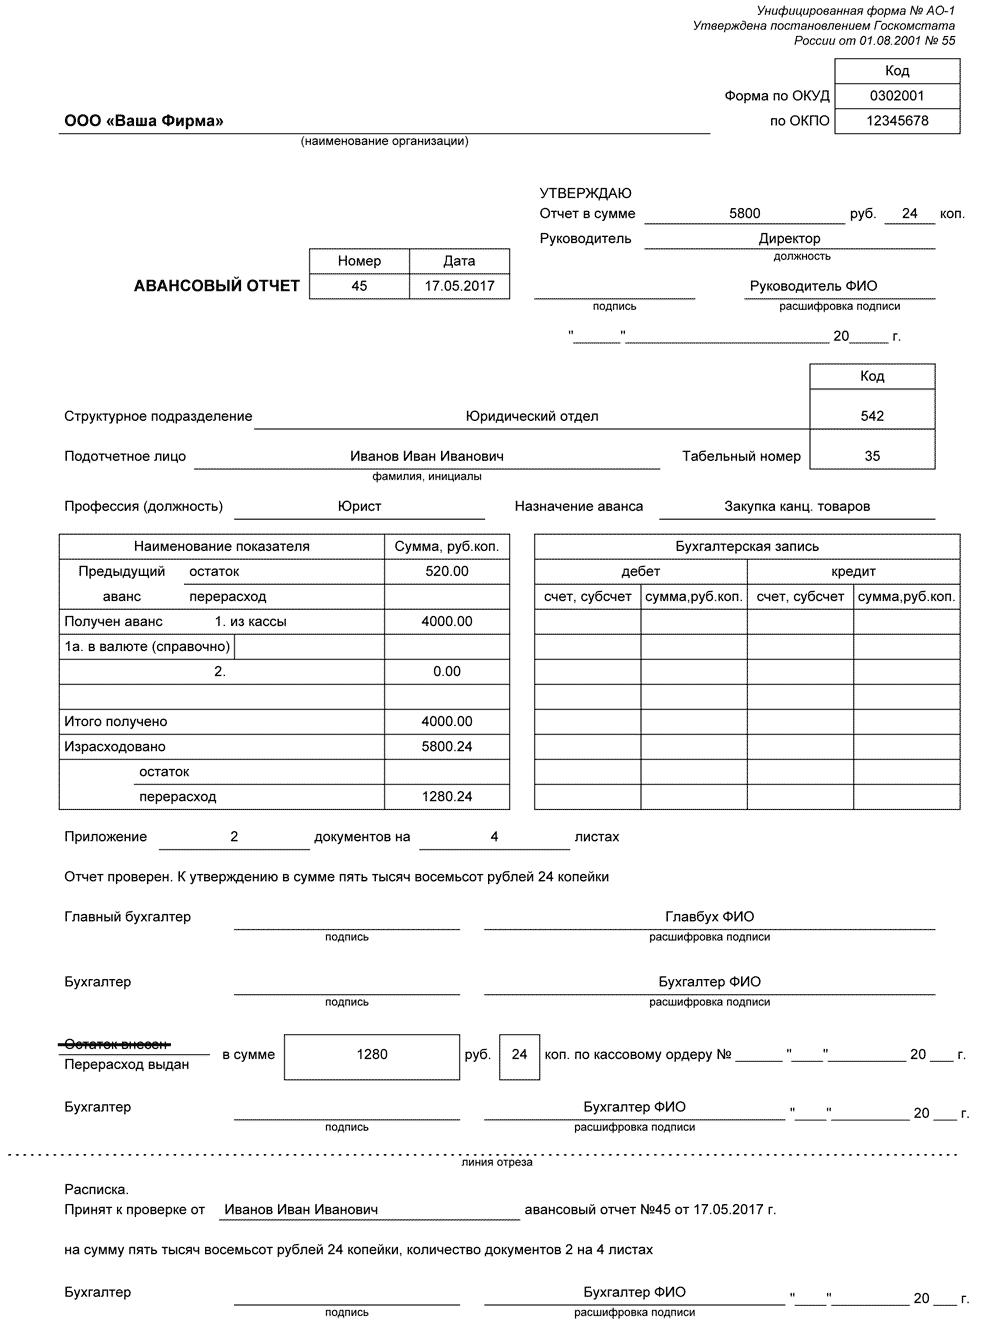 Расходная накладная в авансовом отчете